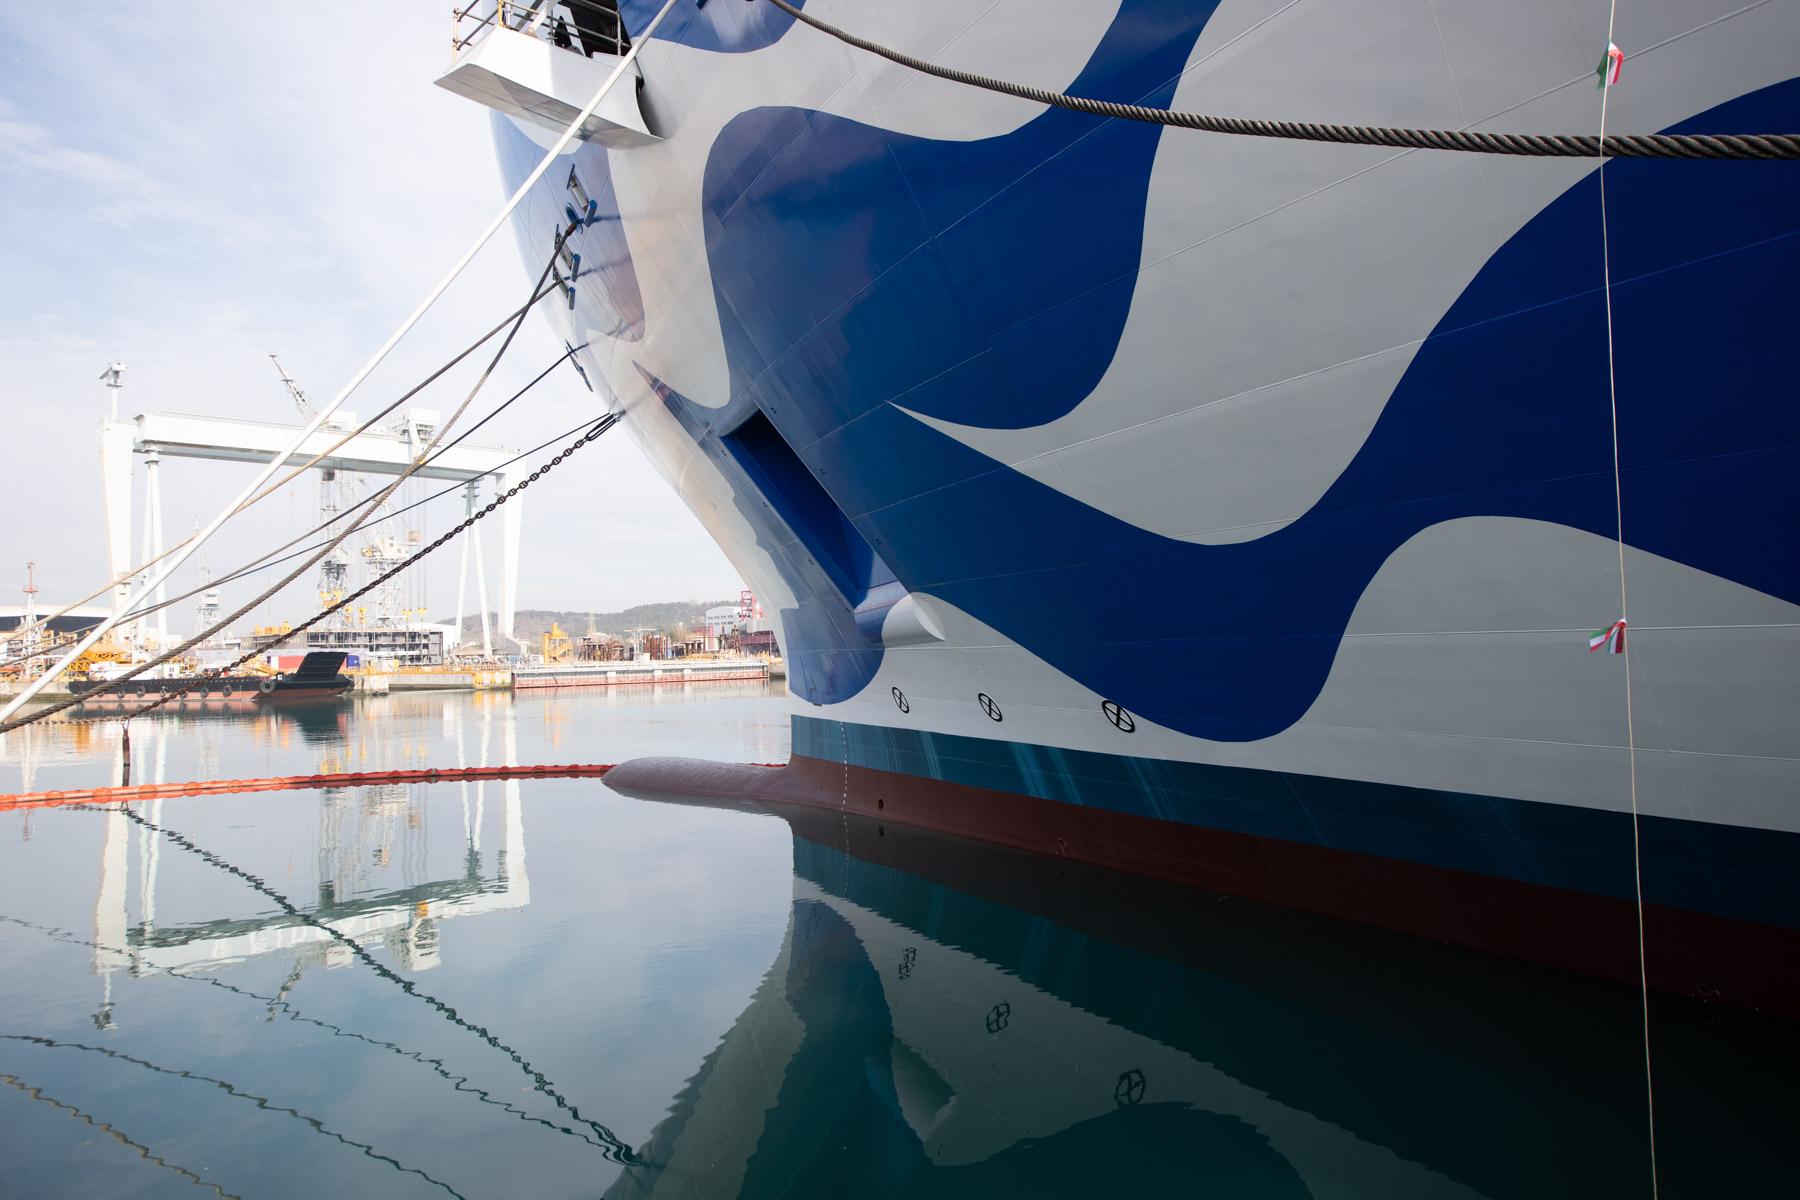 Fincantieri und Princess Cruises feierten Meilensteine der Bauzeit von drei Schiffen der Royal-Klasse, die sich verschiedenen Bauphasen befinden.